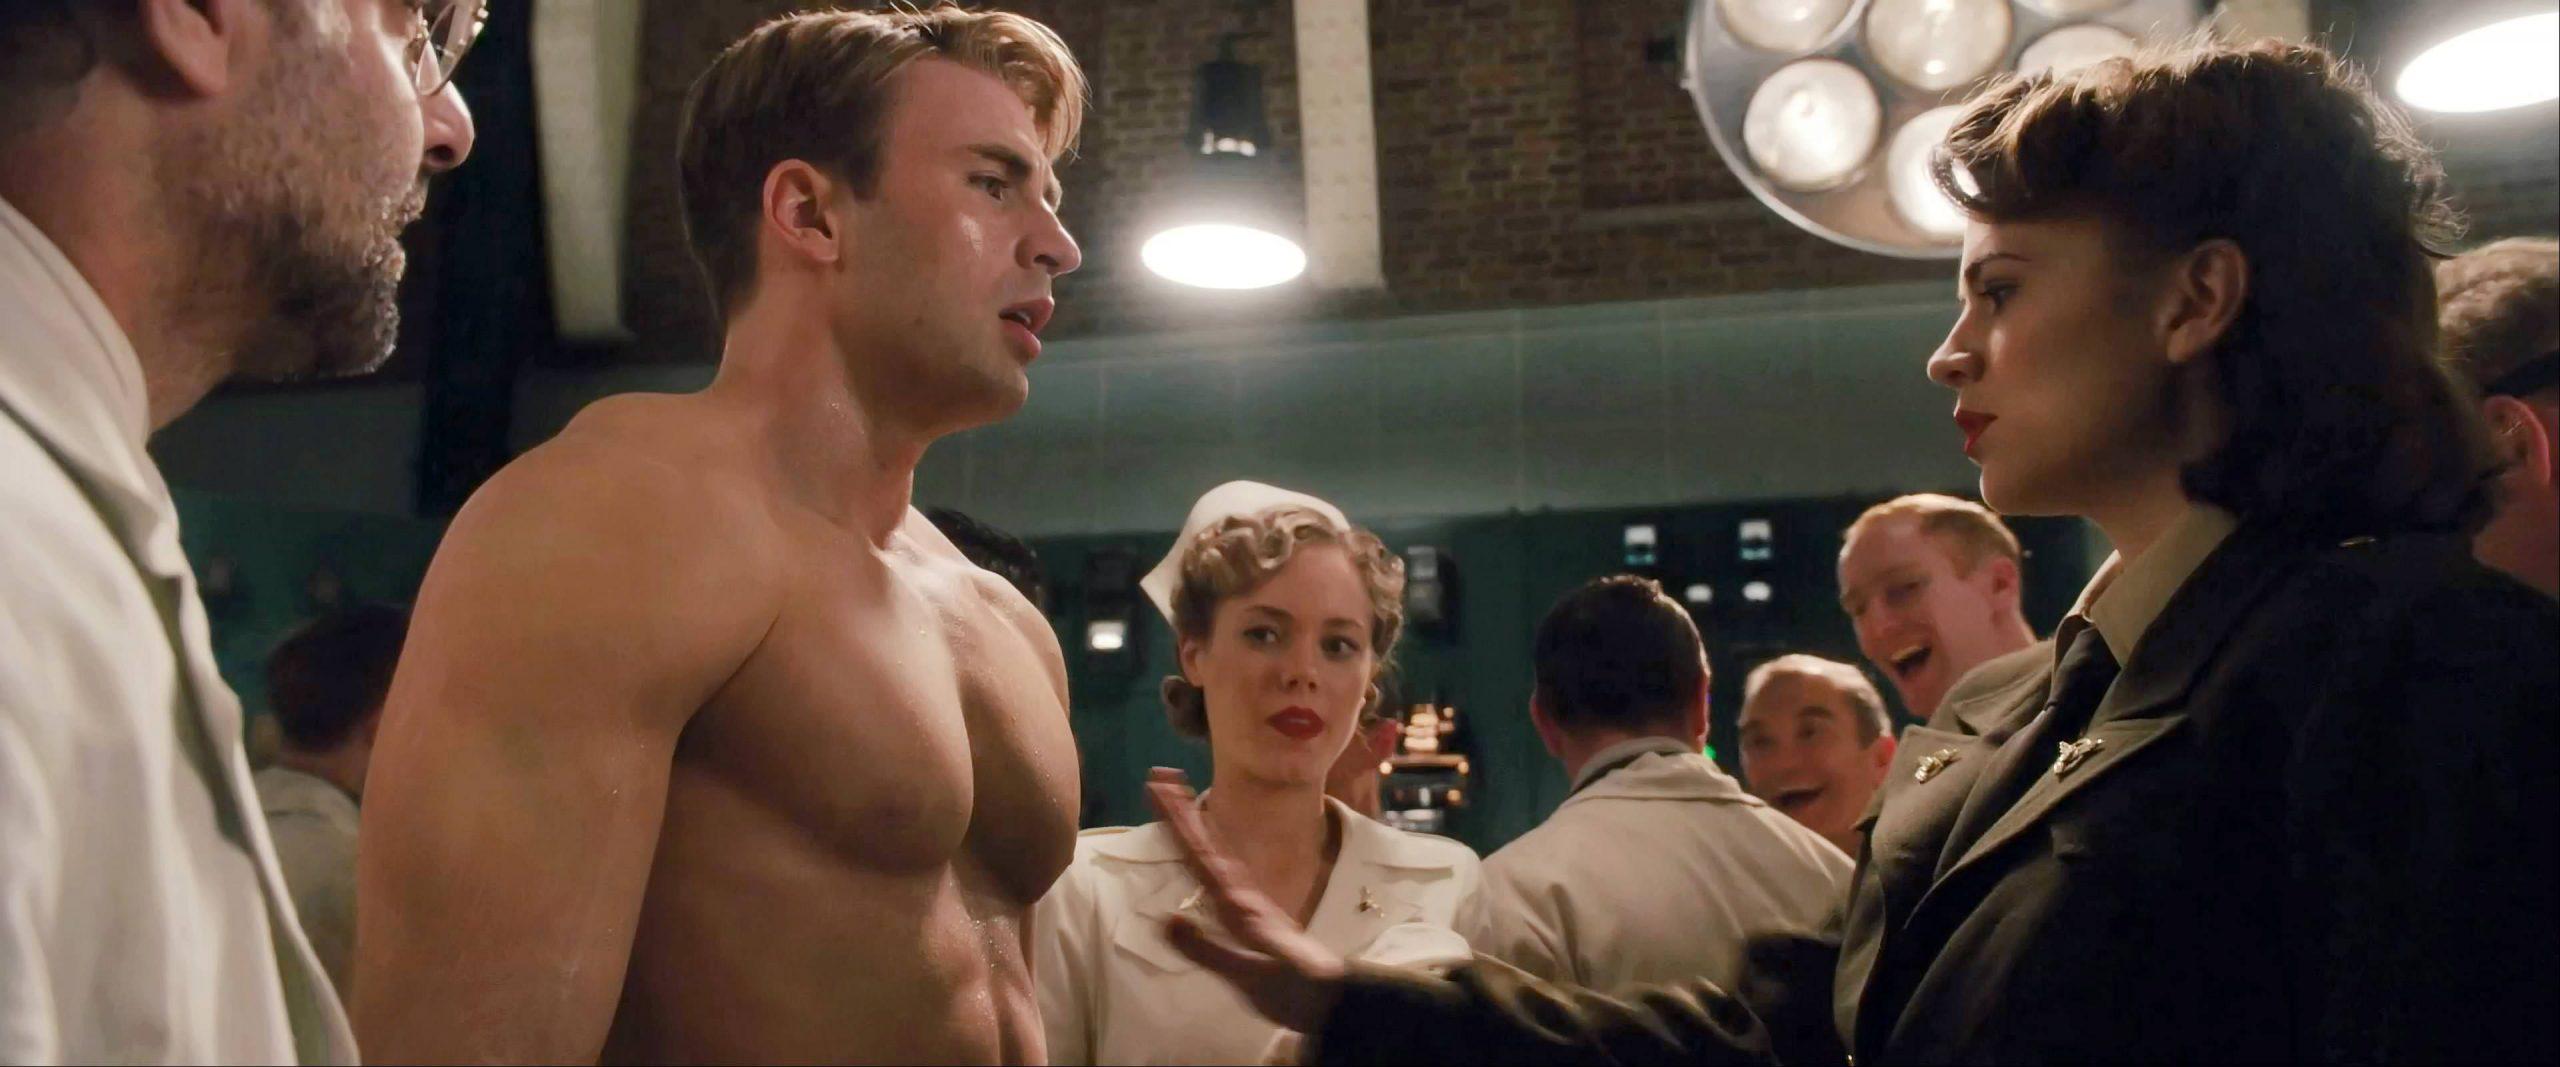 Captain America The First Avenger - movie scene 1